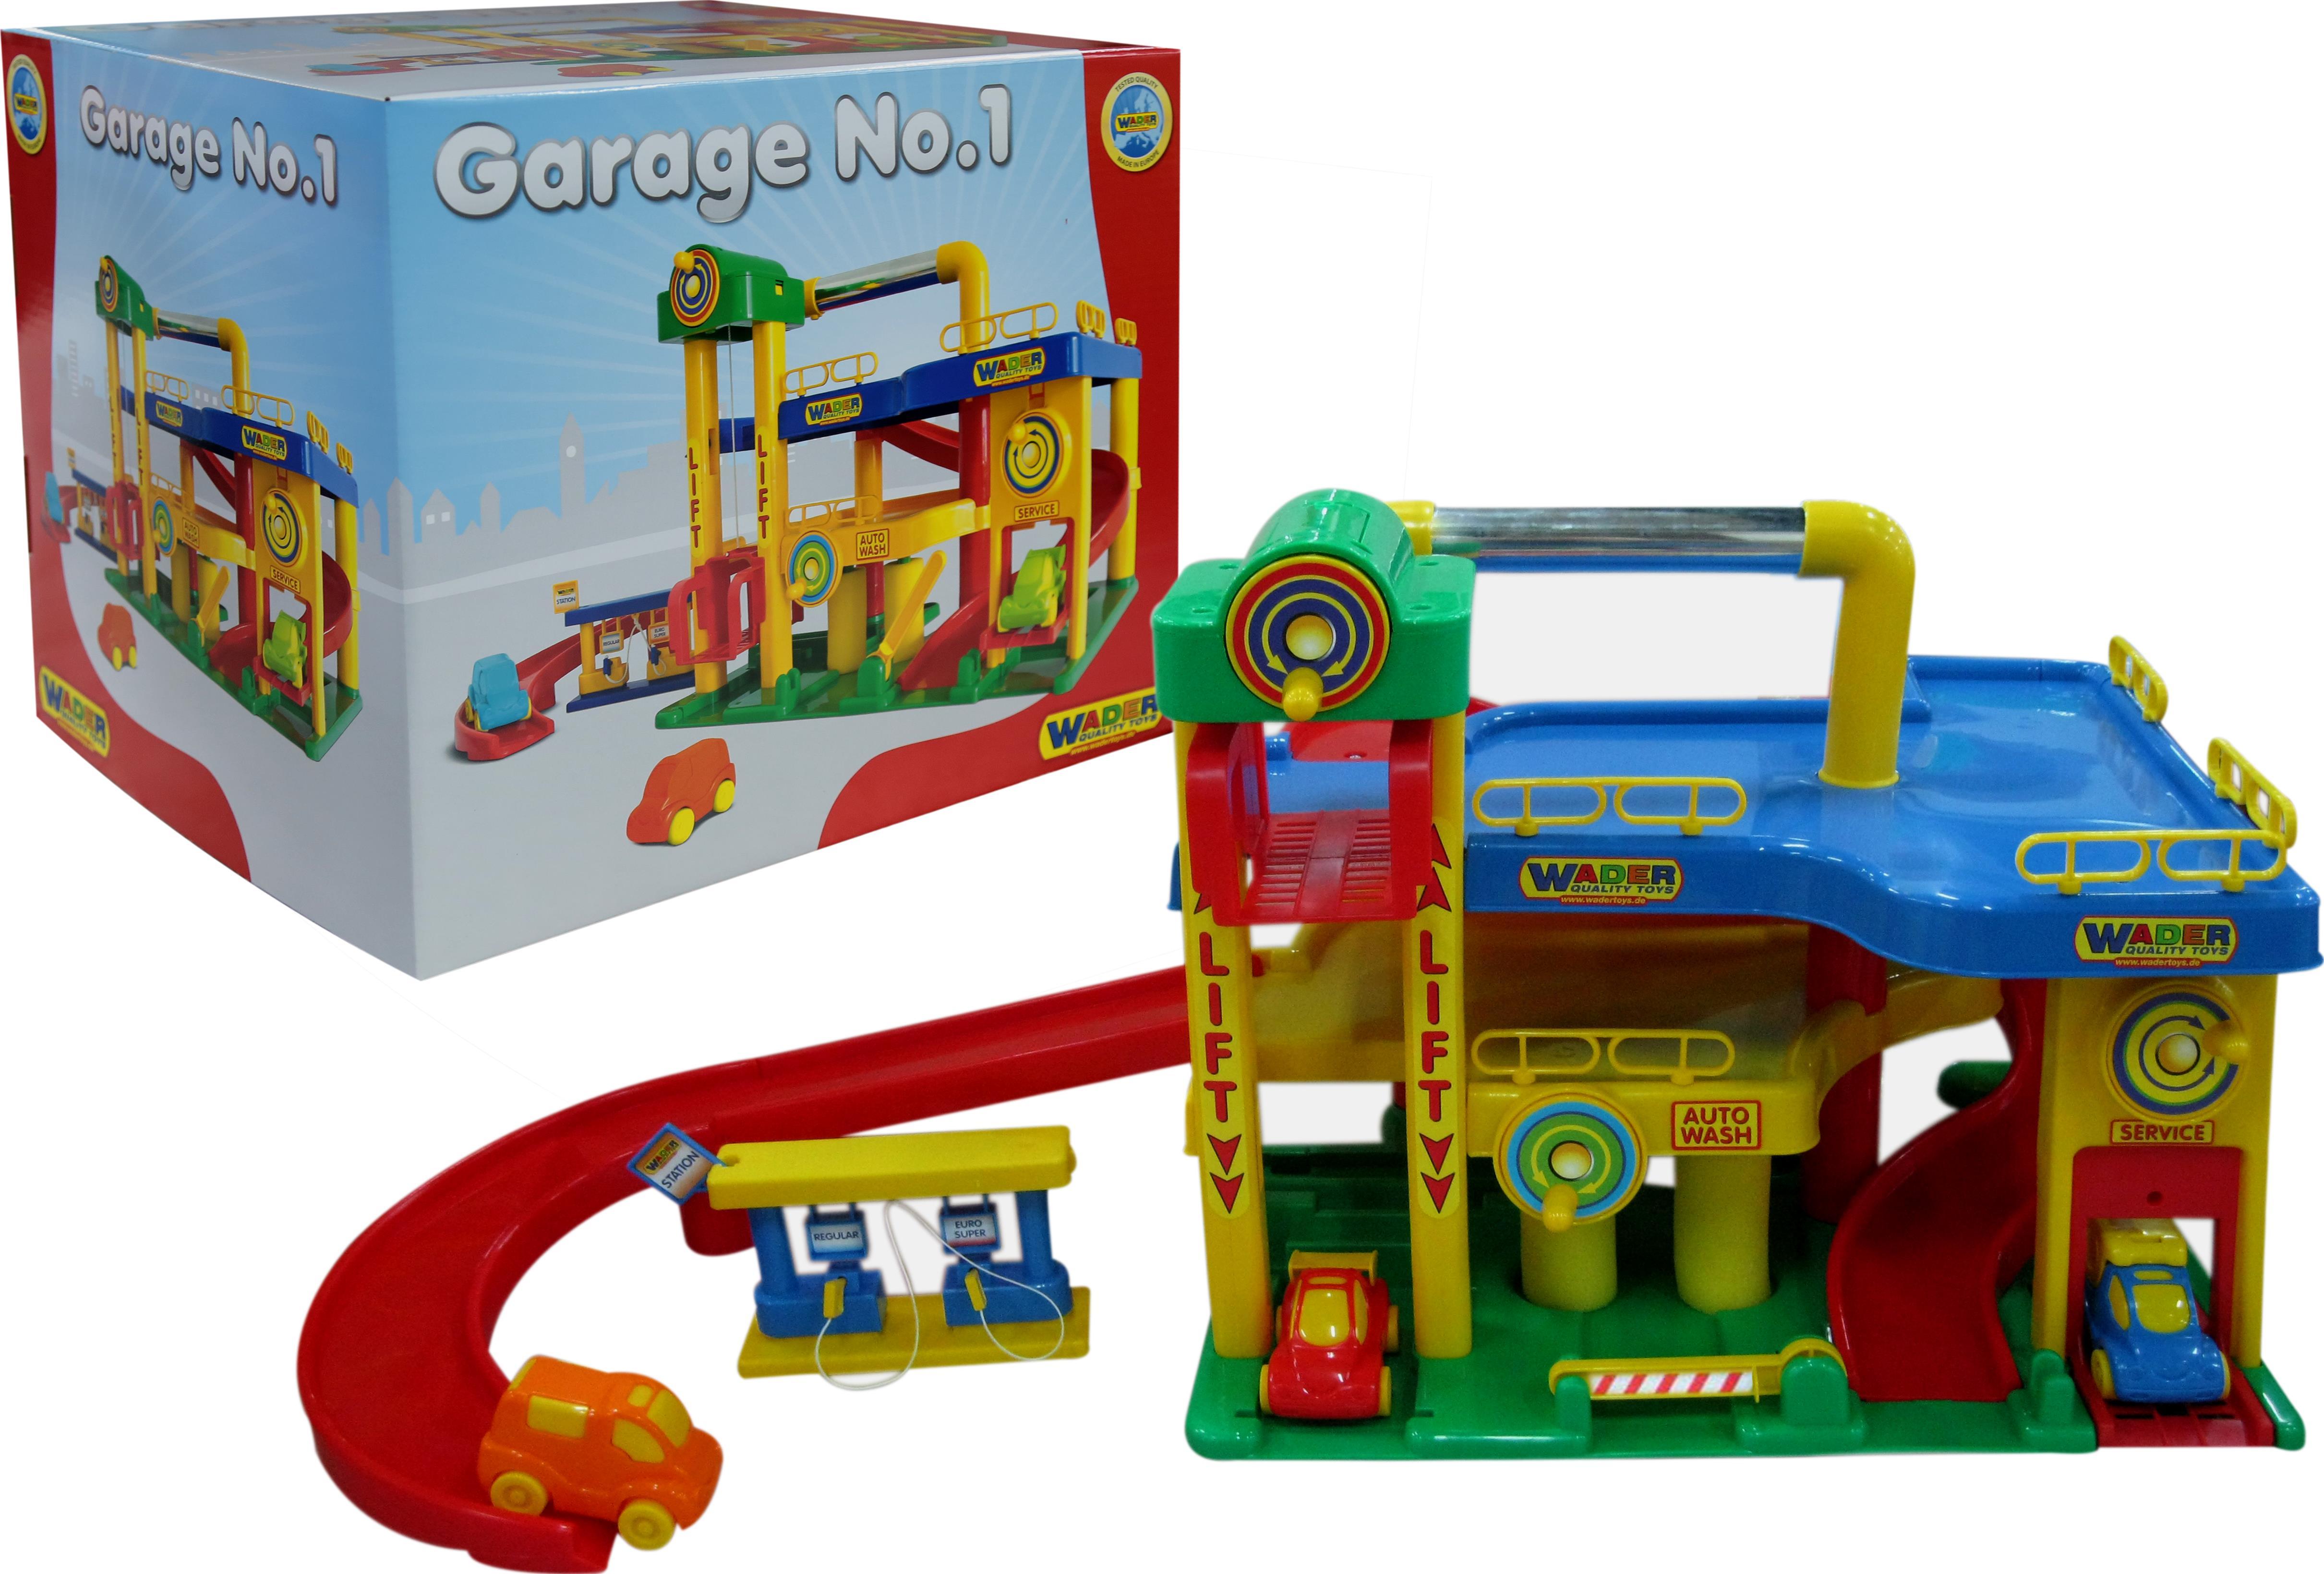 Гараж №1 с автомобилями, в коробкеДетские парковки и гаражи<br>Гараж №1 с автомобилями, в коробке<br>